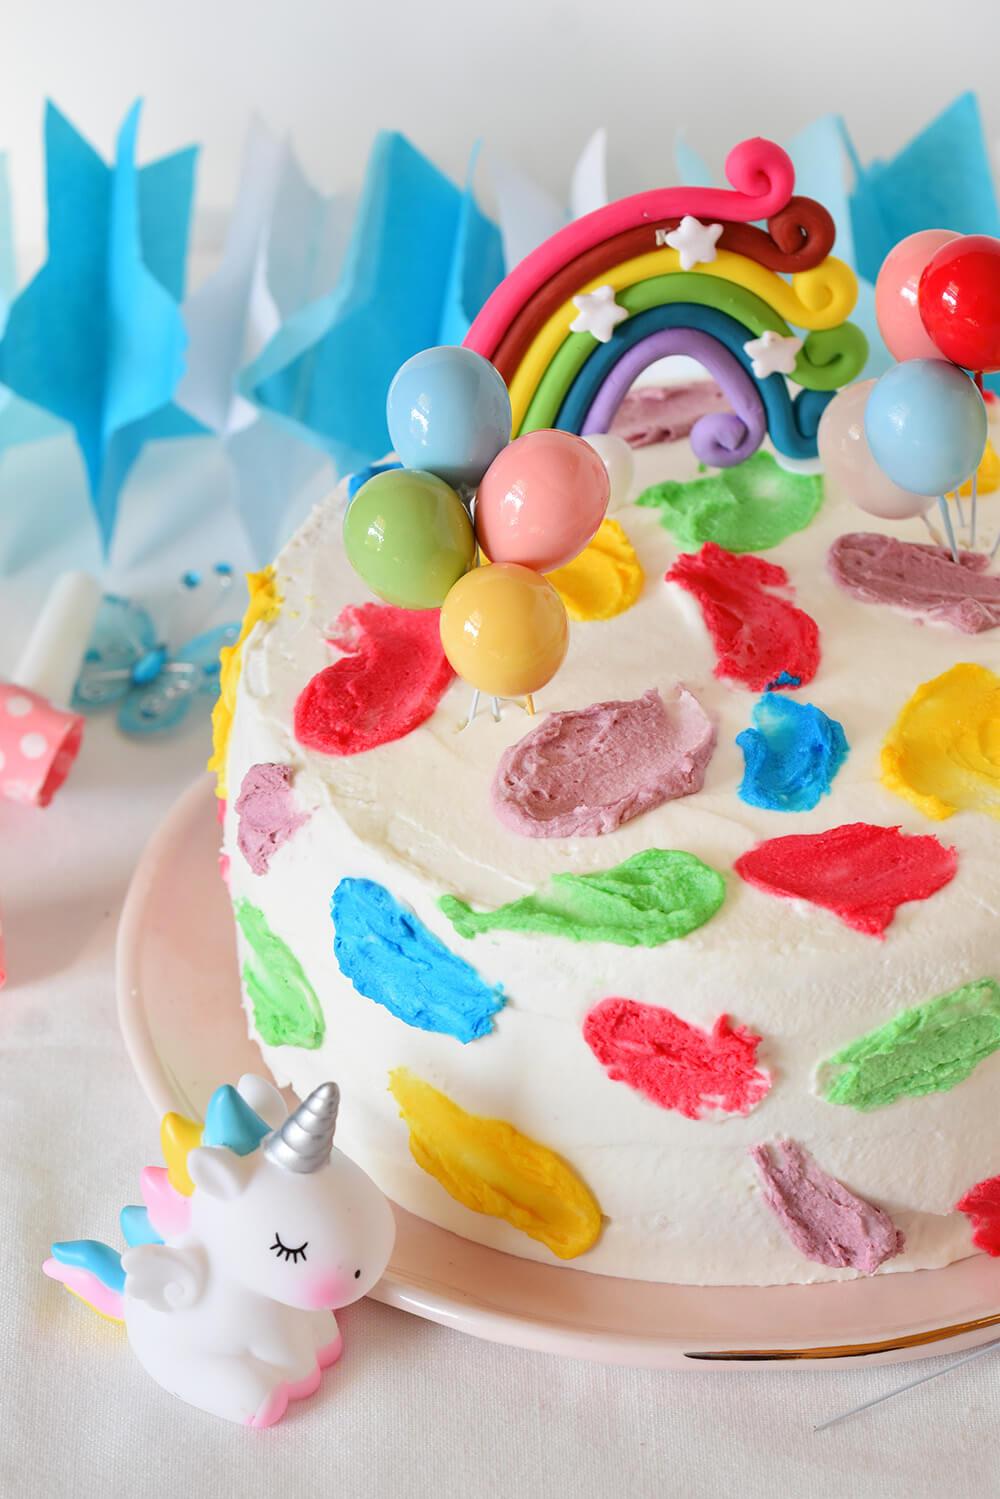 עוגת יום הולדת צבעונית - אורך